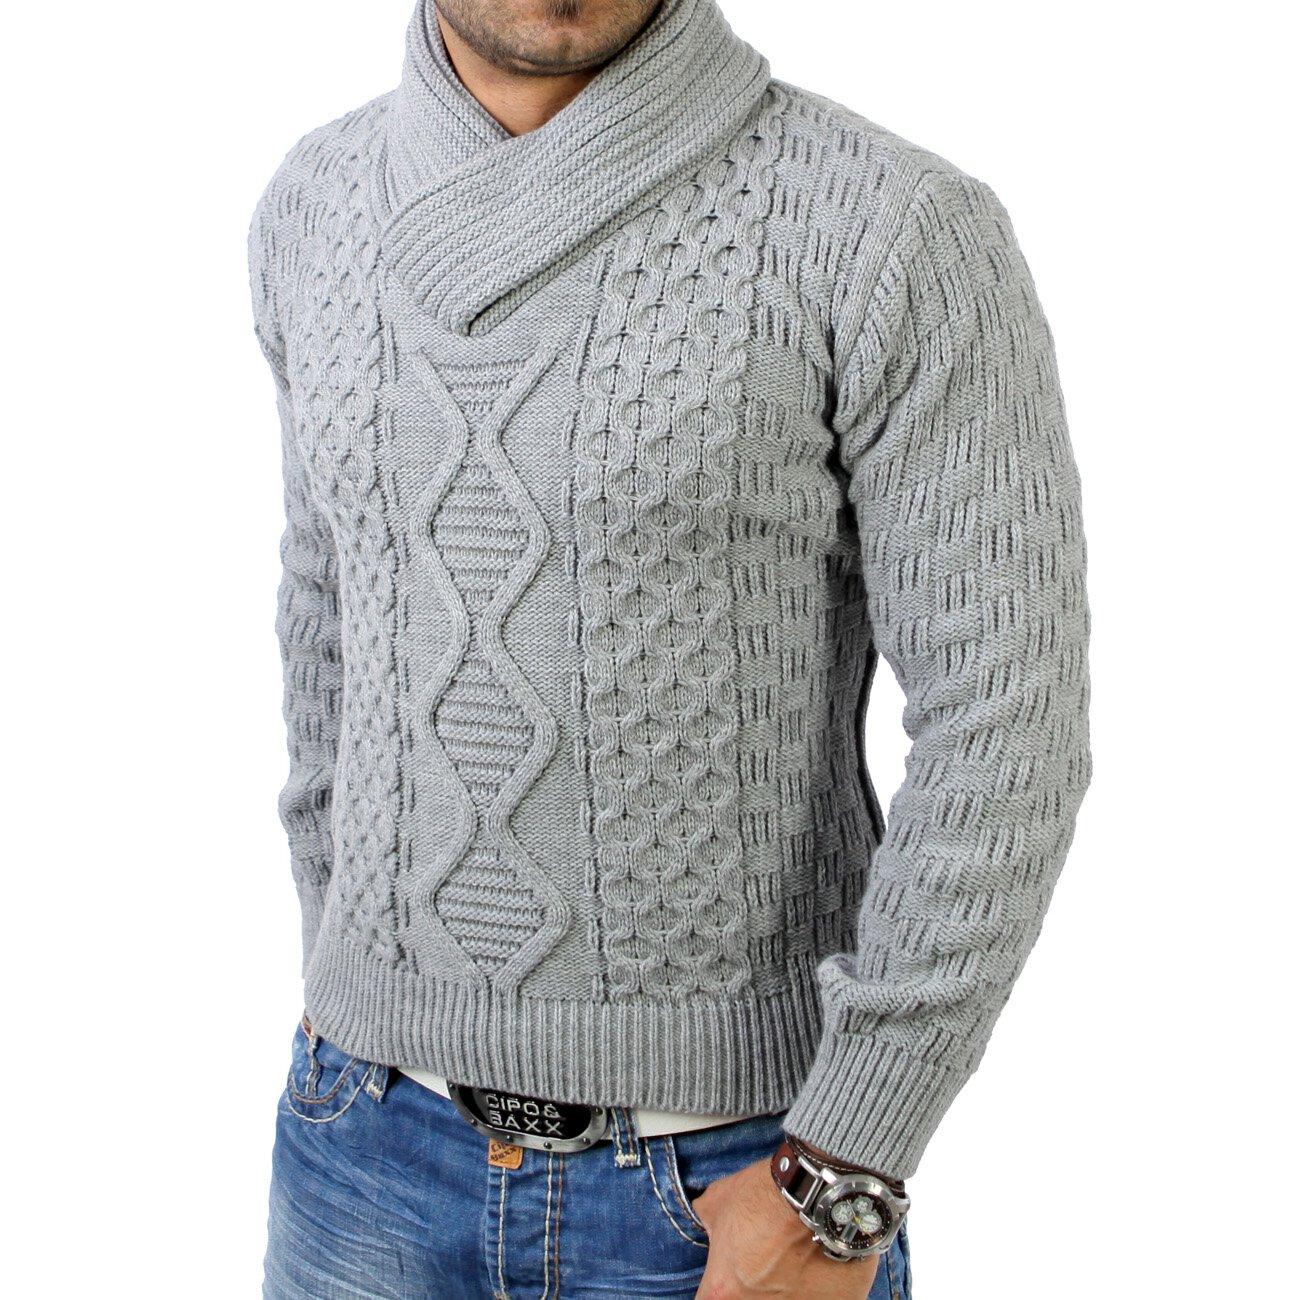 Pullover Herren Tazzio mit Schalkragen Strickpullover   günstig afcc90c4ce